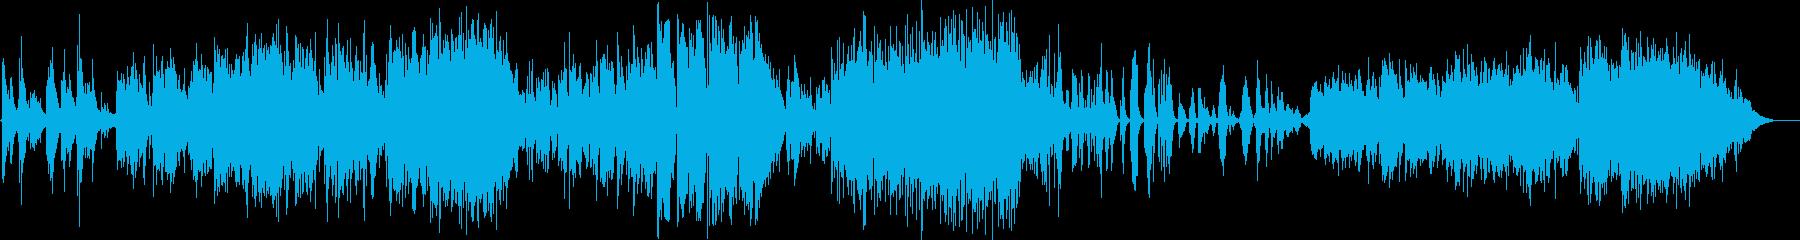 音響機器素朴なリラックス。の再生済みの波形